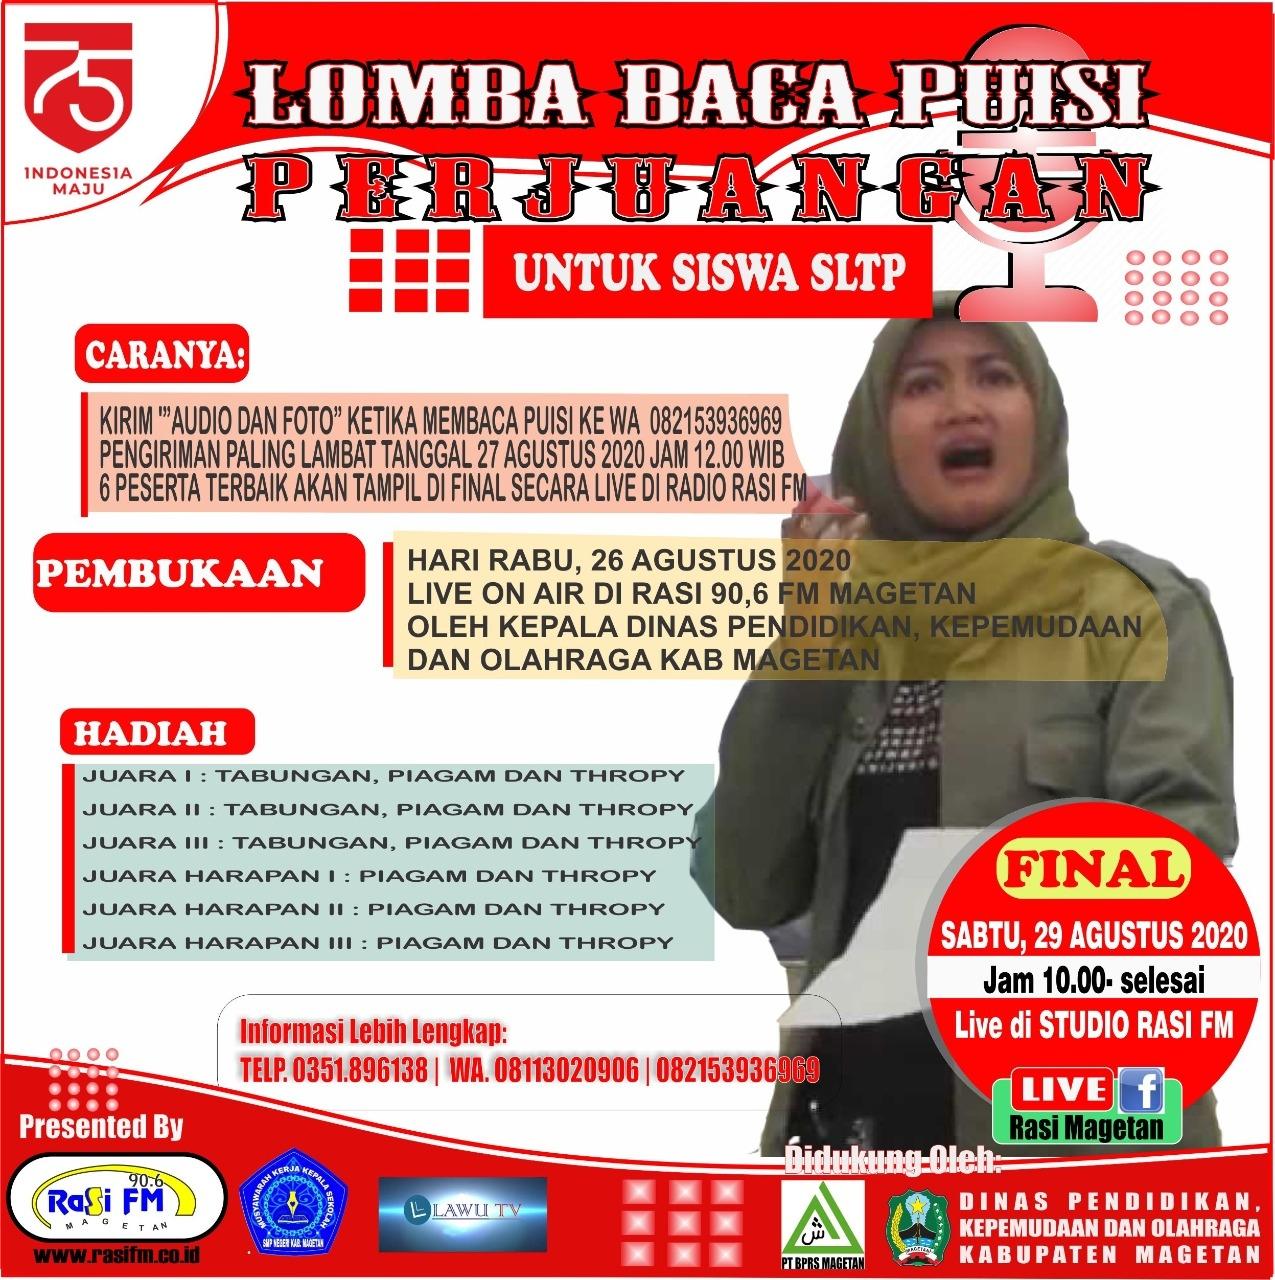 Kepala Dinas Pendidikan Magetan Buka Secara Virtual Lomba Puisi Perjuangan Yang Diselenggarakan Oleh Radio Rasi FM.